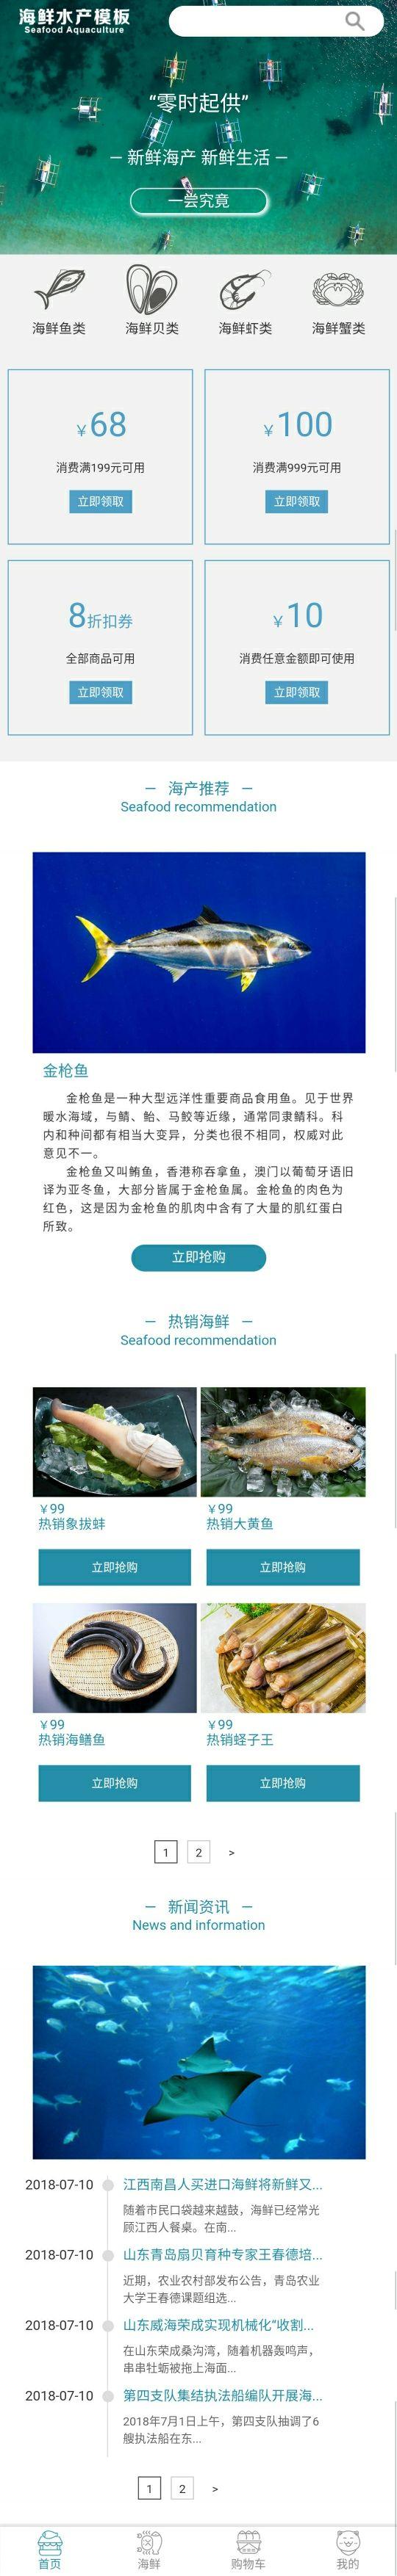 海鲜水产商城小程序模板